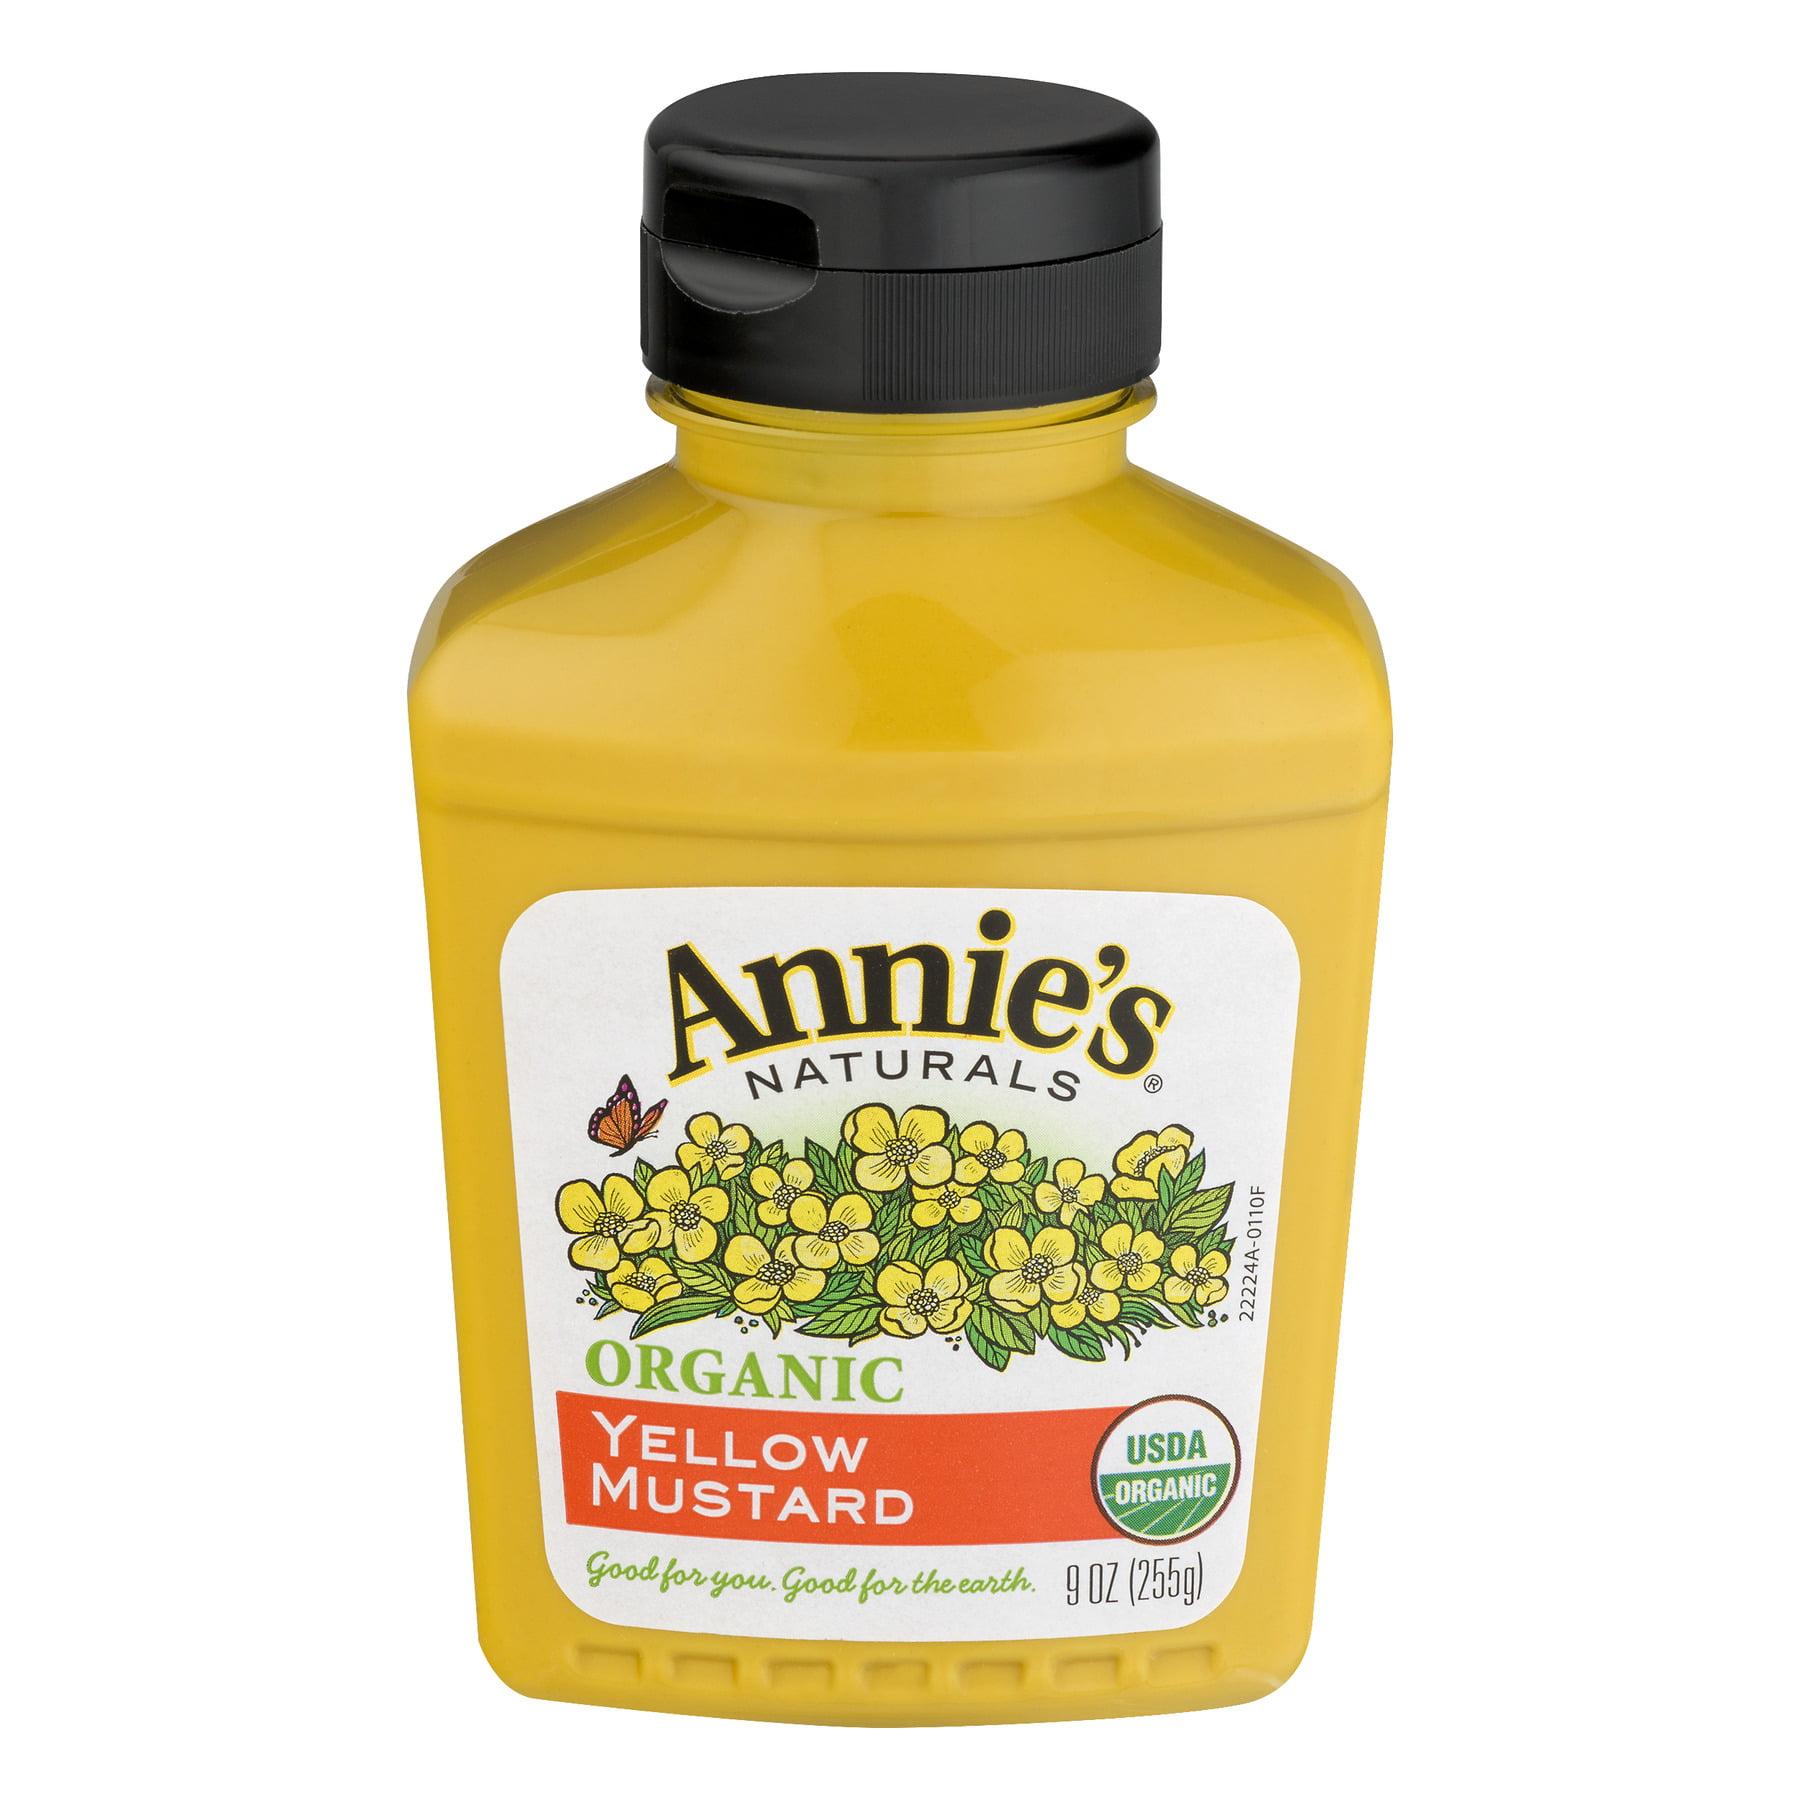 Annie's Organic Yellow Mustard, 9 oz Bottle